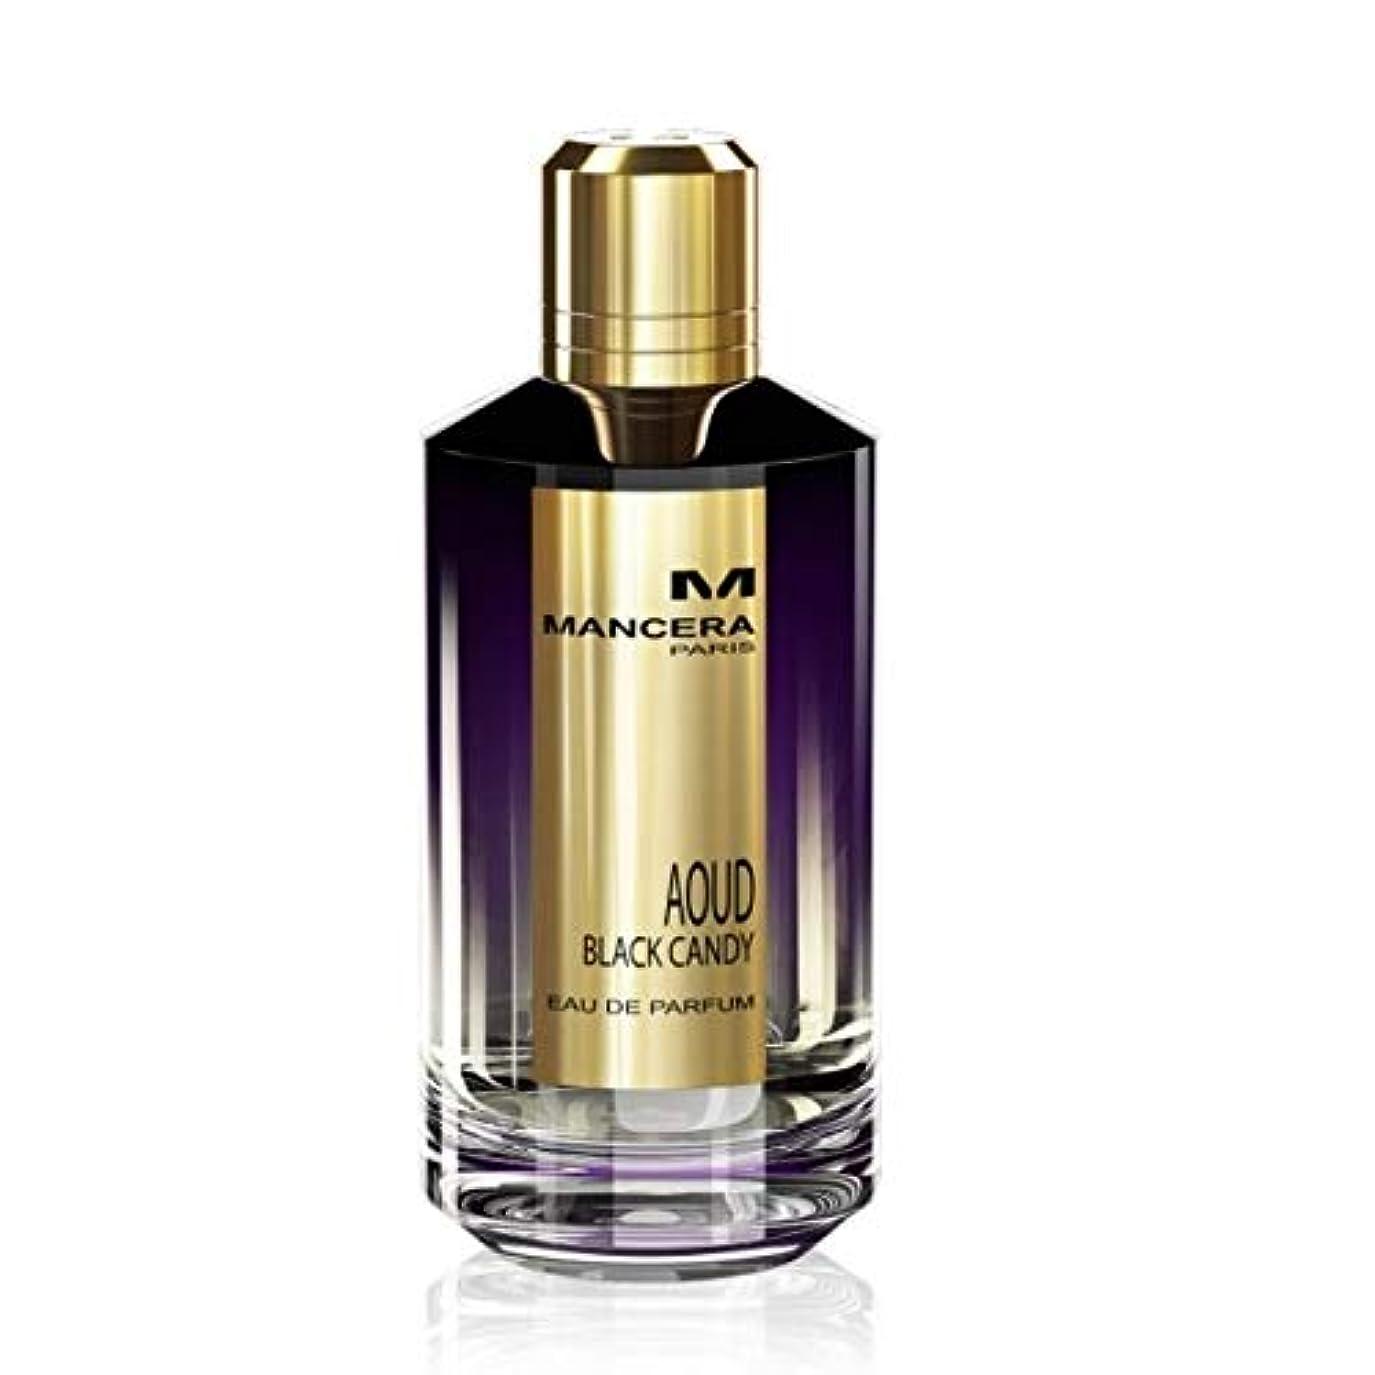 効能あるリンク彫刻家Mancera Aoud Black Candy Eau de Parfum 2.1 oz./60 ml New in Box